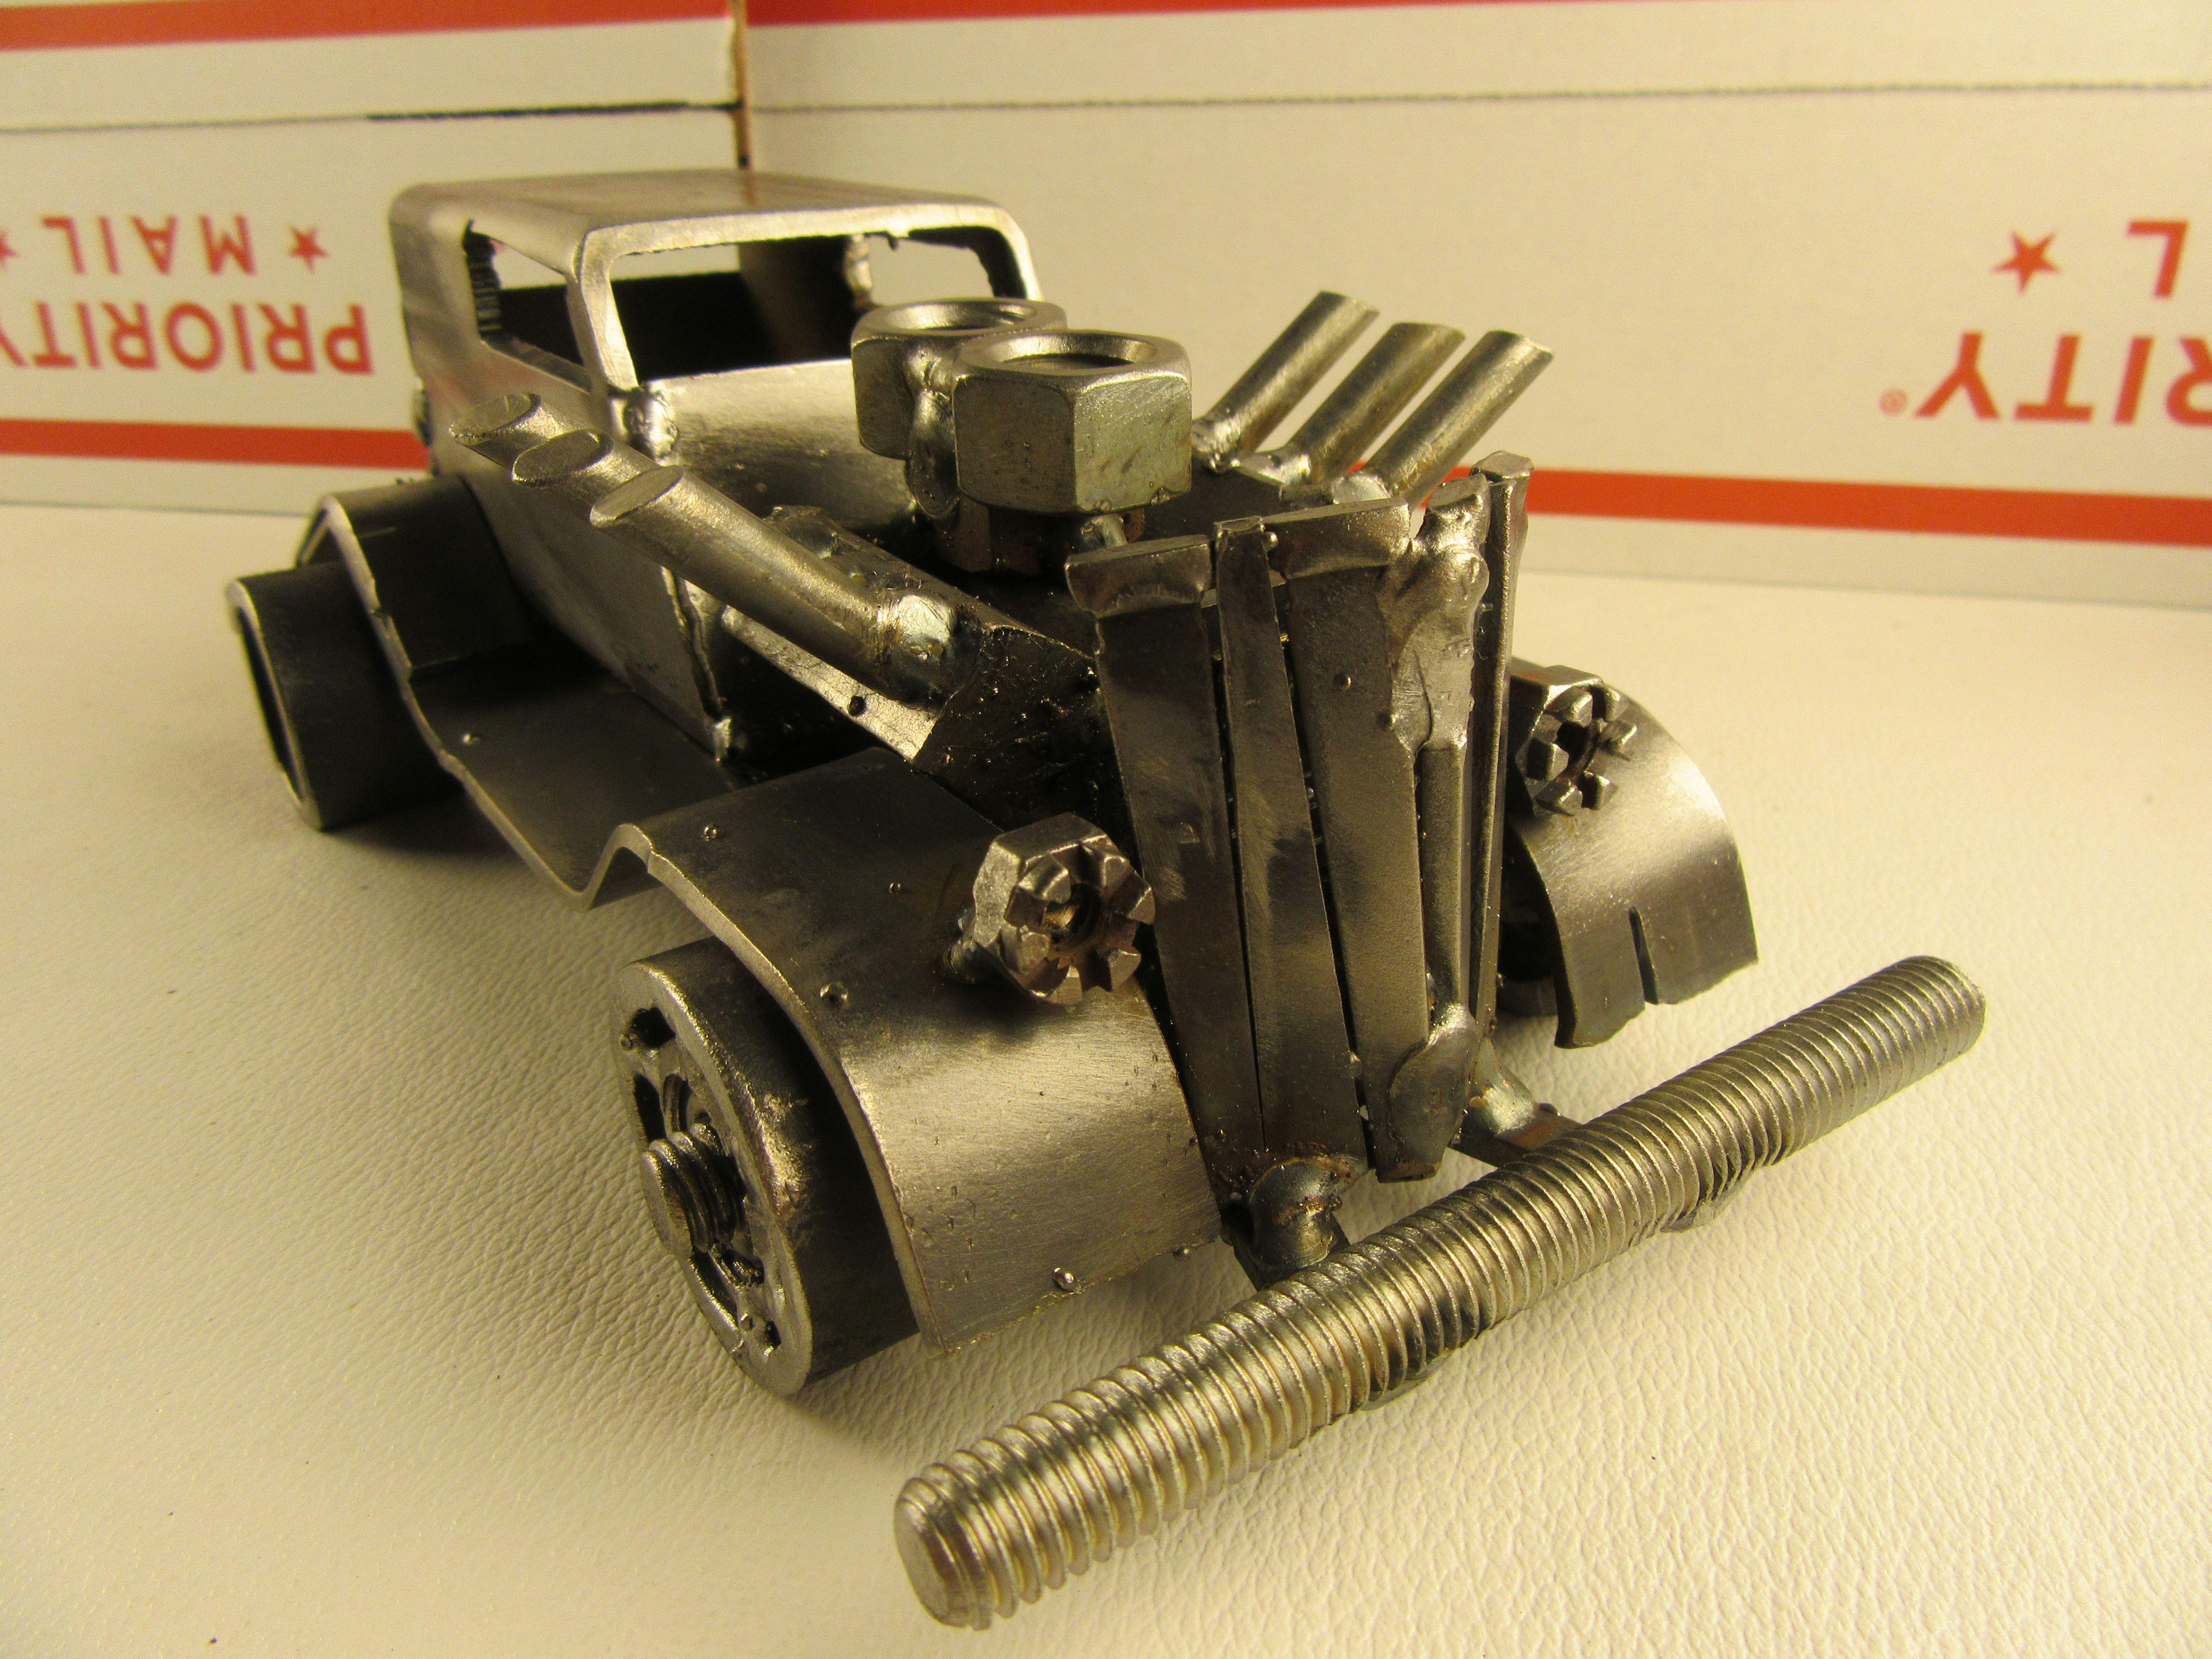 89 best Scrap Metal Art Hot Rods, Rat Rods, Trucks images on ...